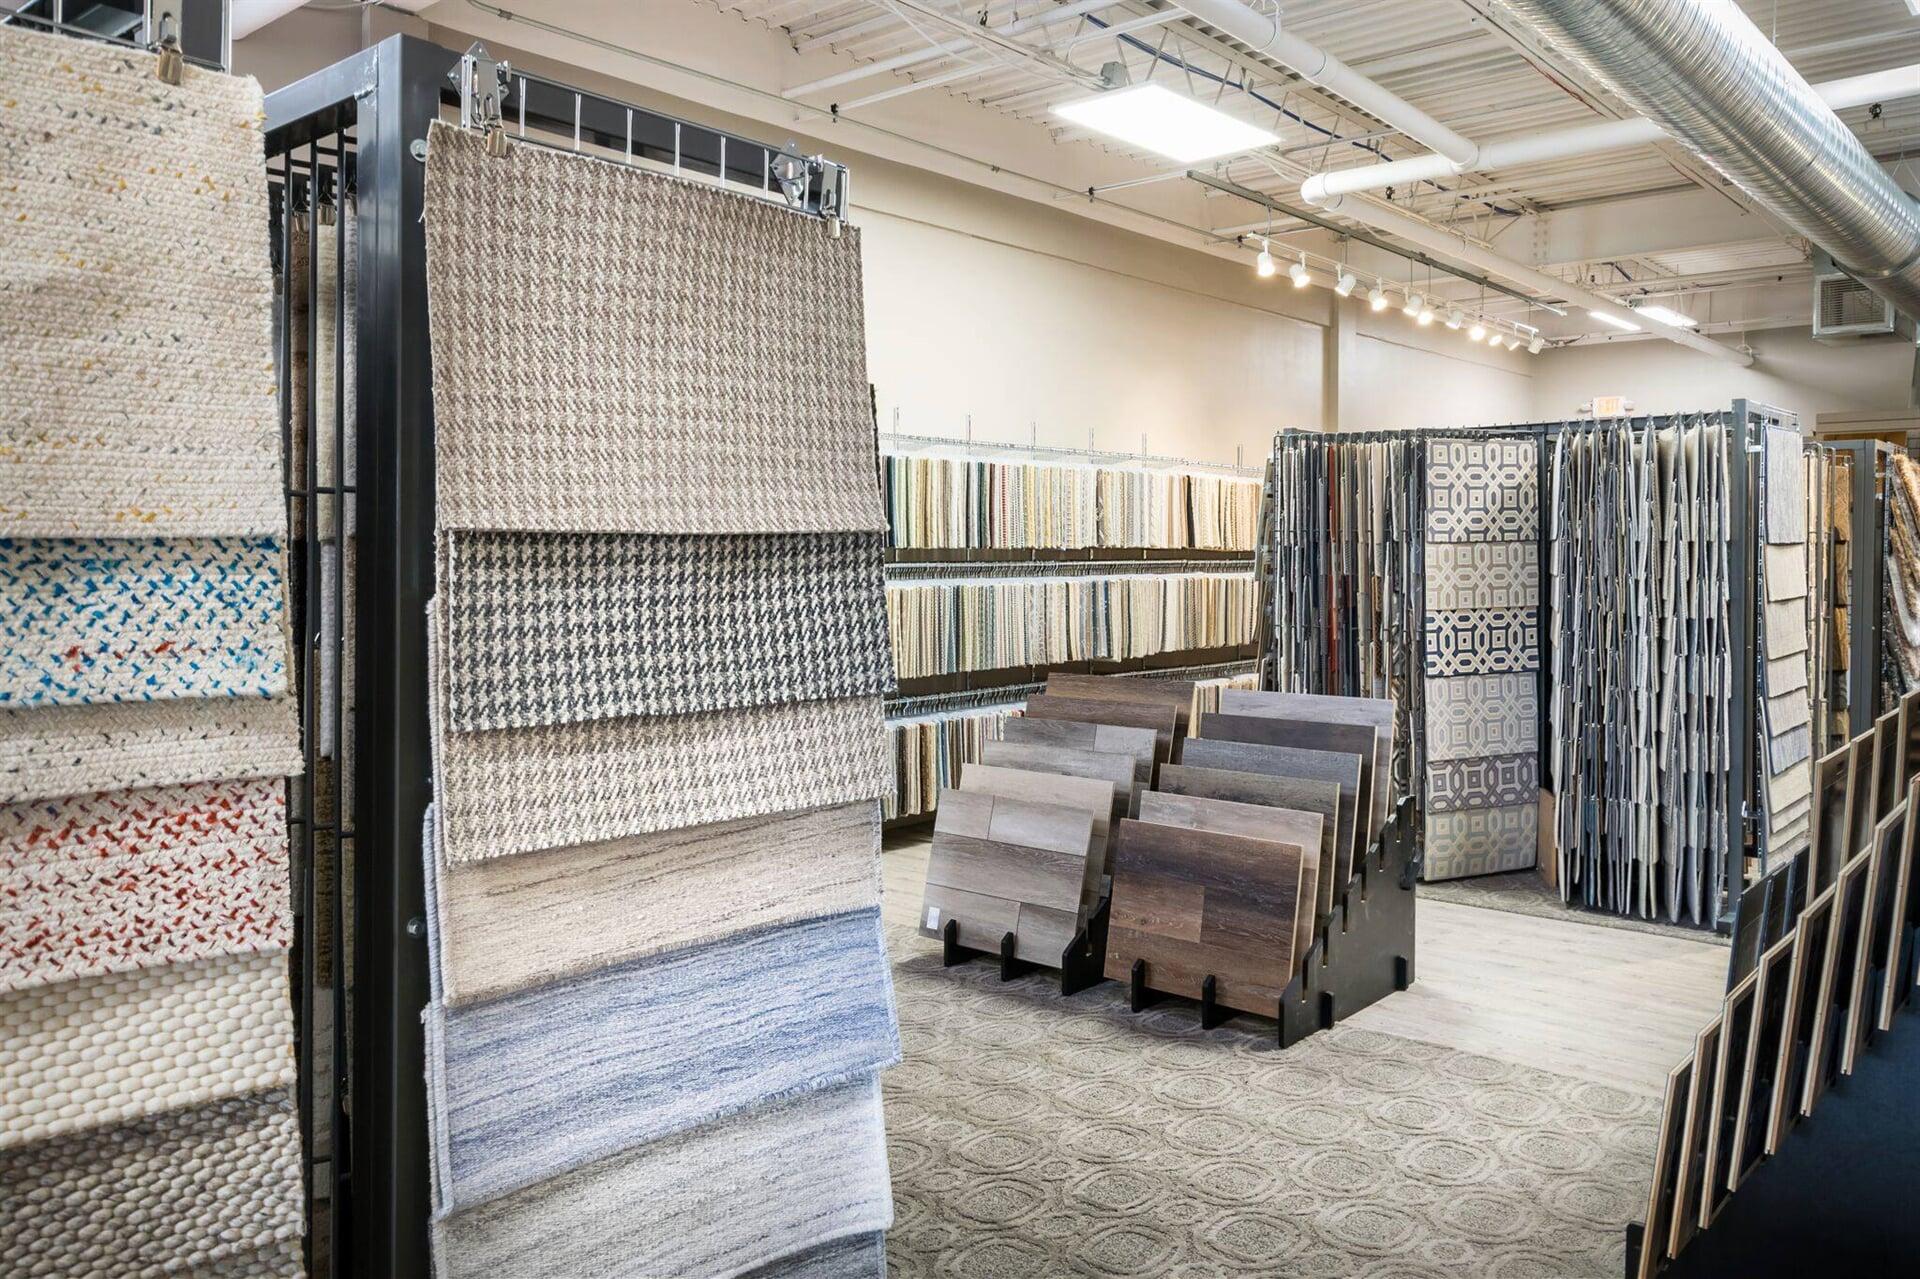 Floor Source showroom in Ladue, MO